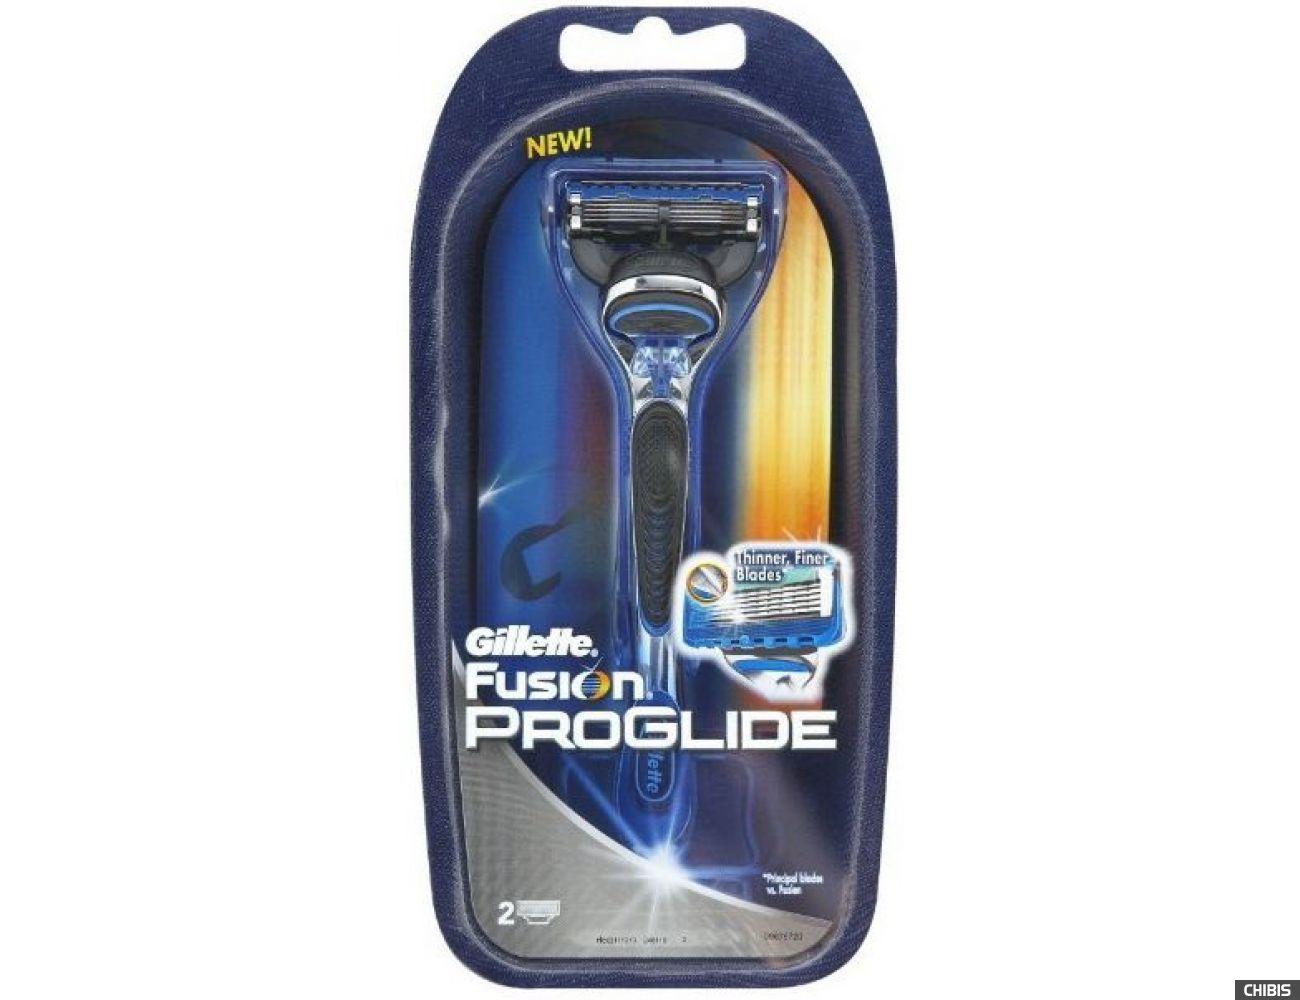 Gillette Fusion ProGlide станок с 2 лезвиями 7702018084845